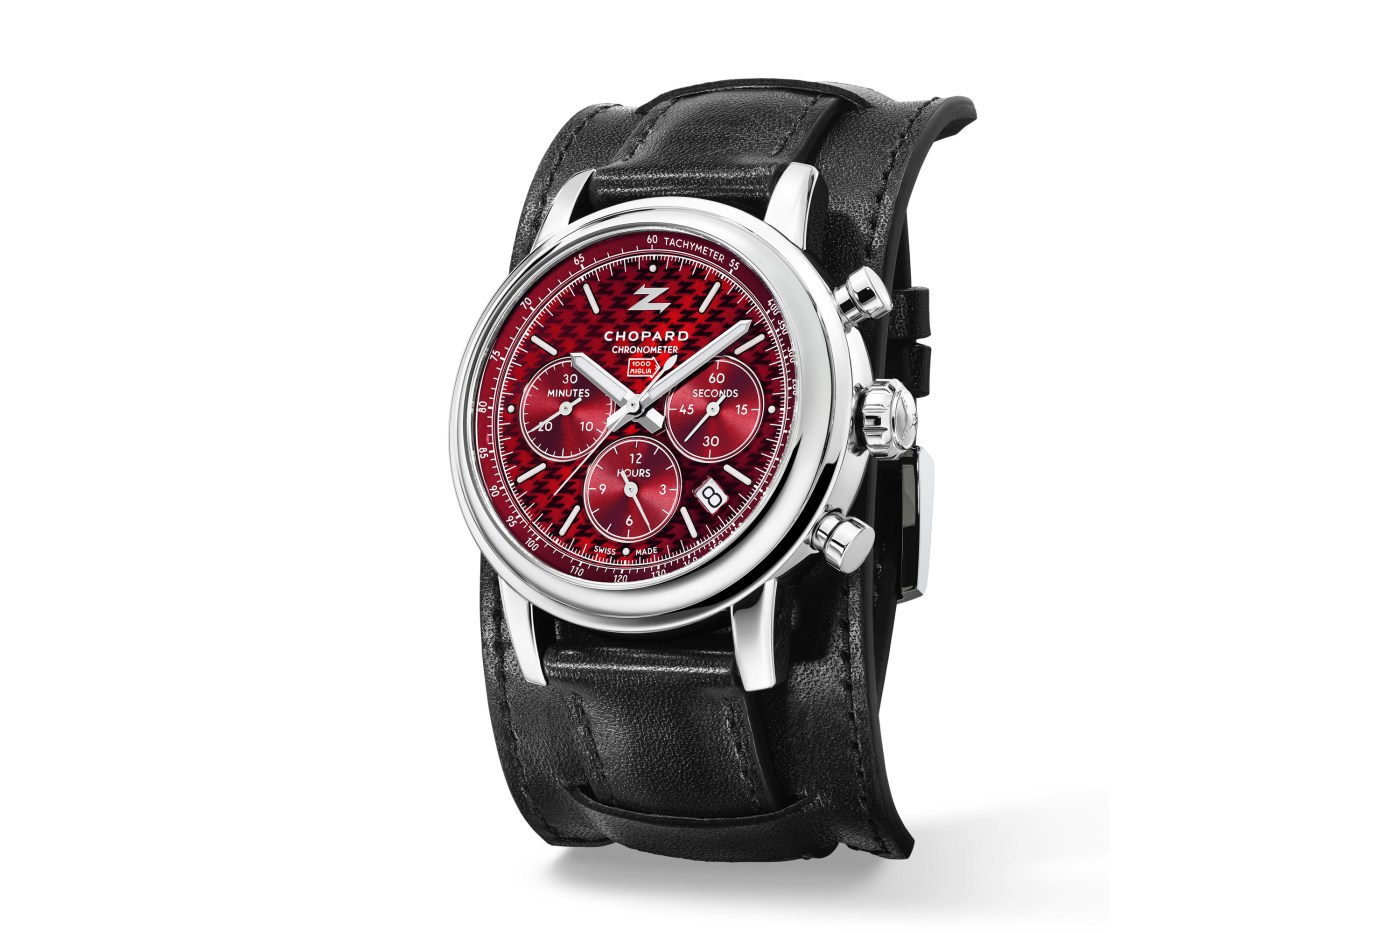 Chopard Mille Miglia Classic Chronograph Zagato 100th Anniversary Edition